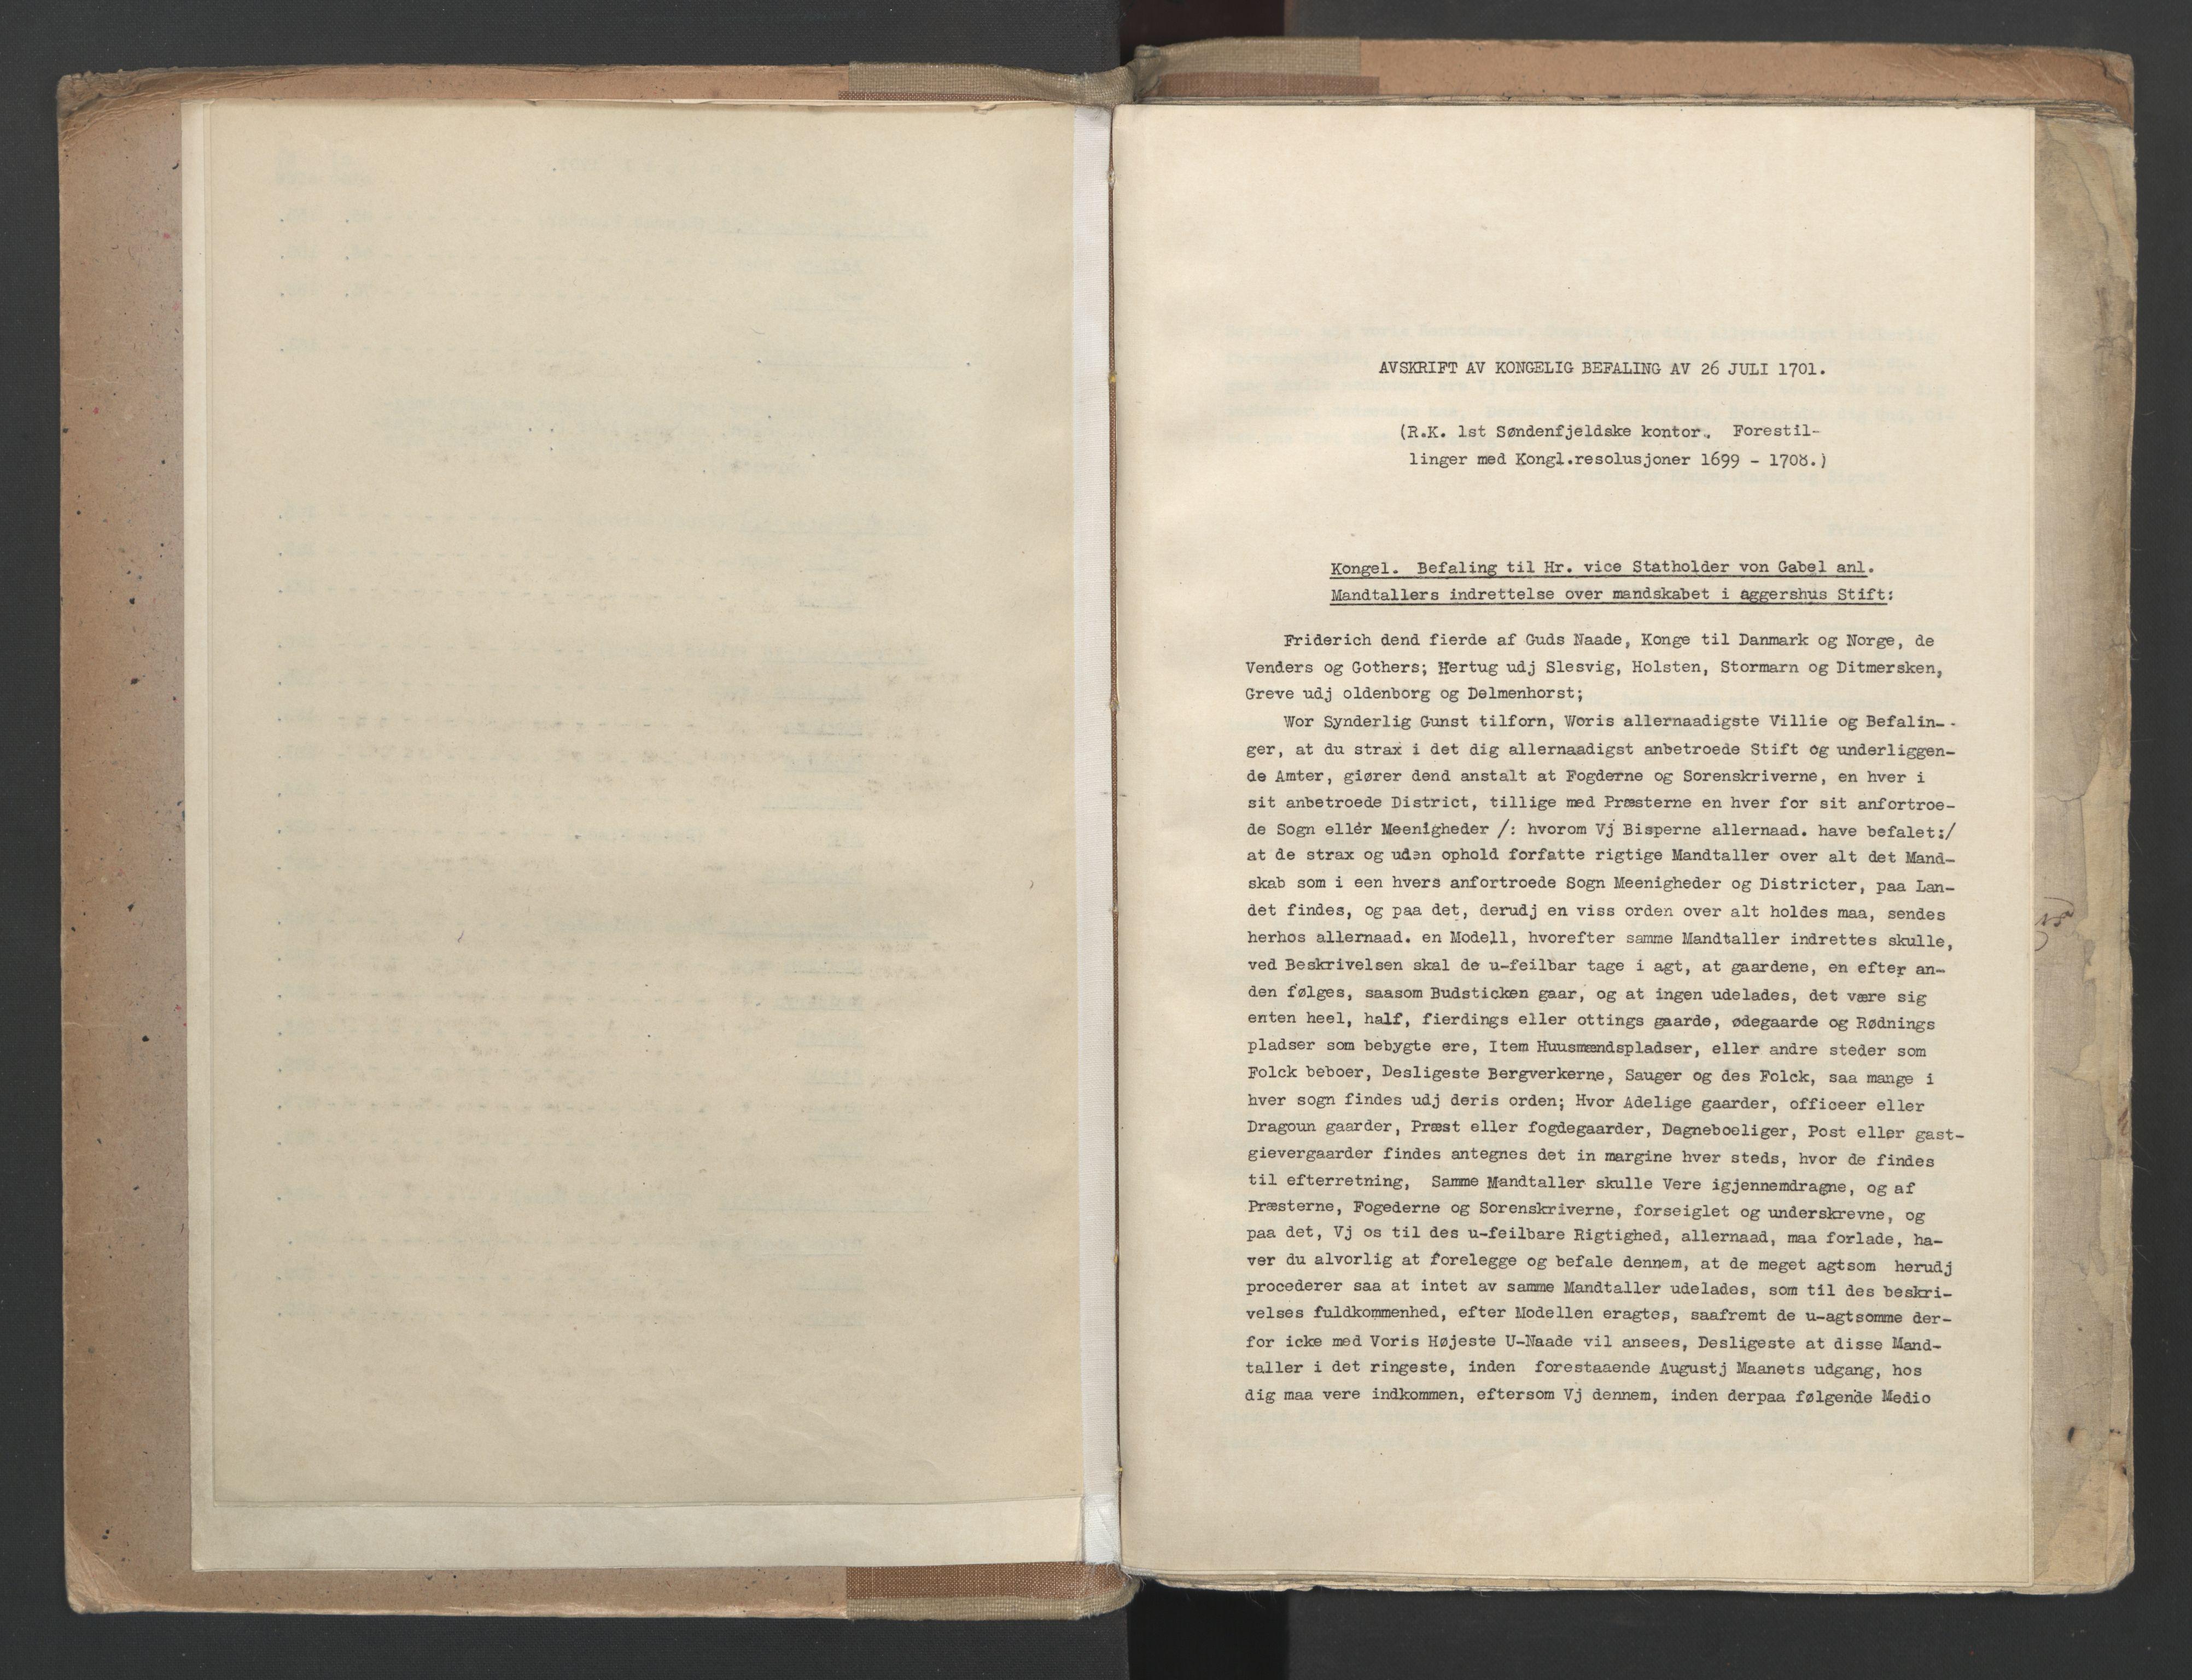 RA, Manntallet 1701, nr. 9: Sunnfjord fogderi, Nordfjord fogderi og Svanø birk, 1701